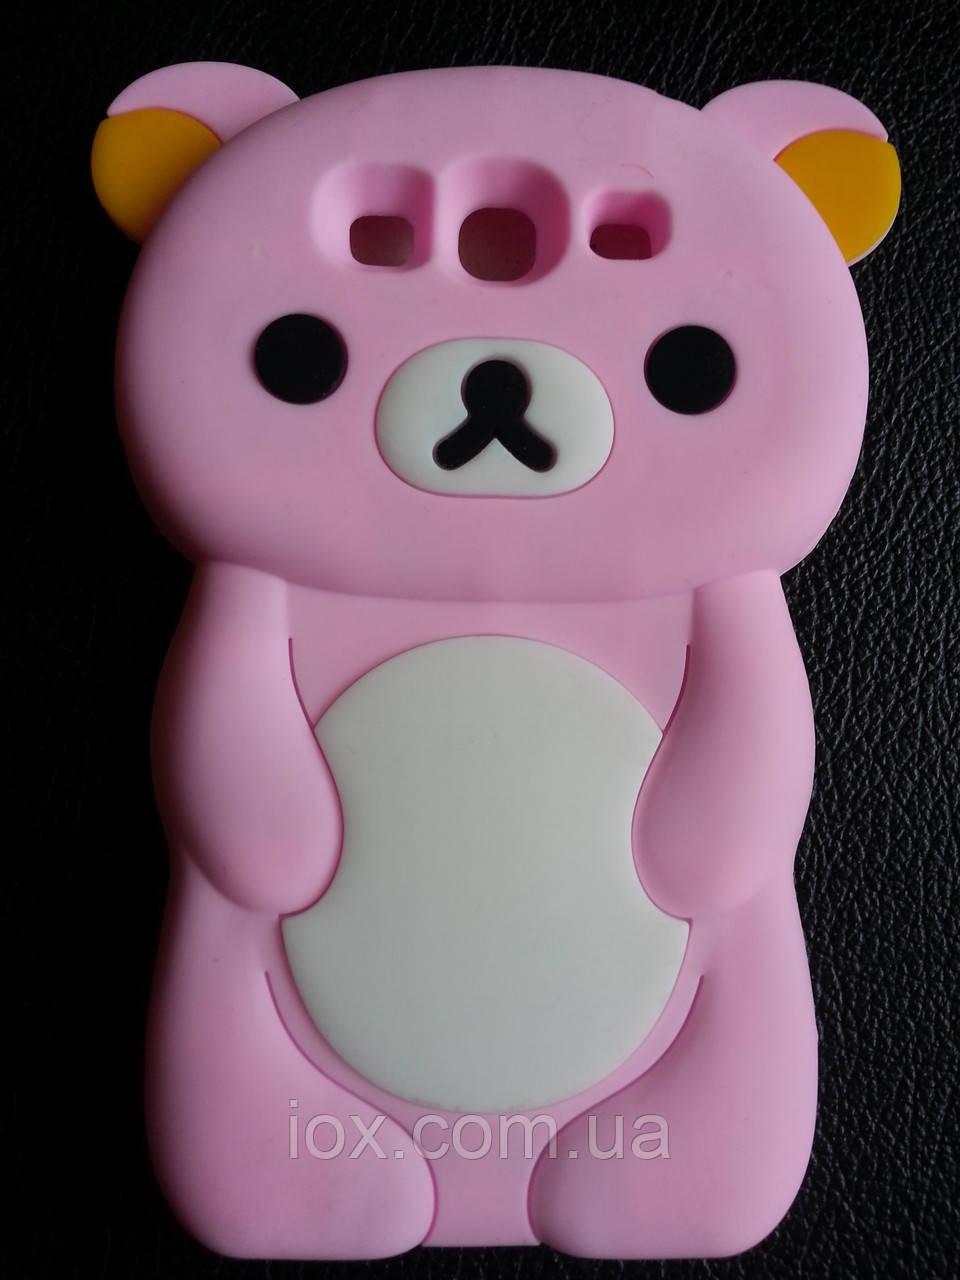 Розовый силиконовый мишка Samsung Galaxy S3 i9300